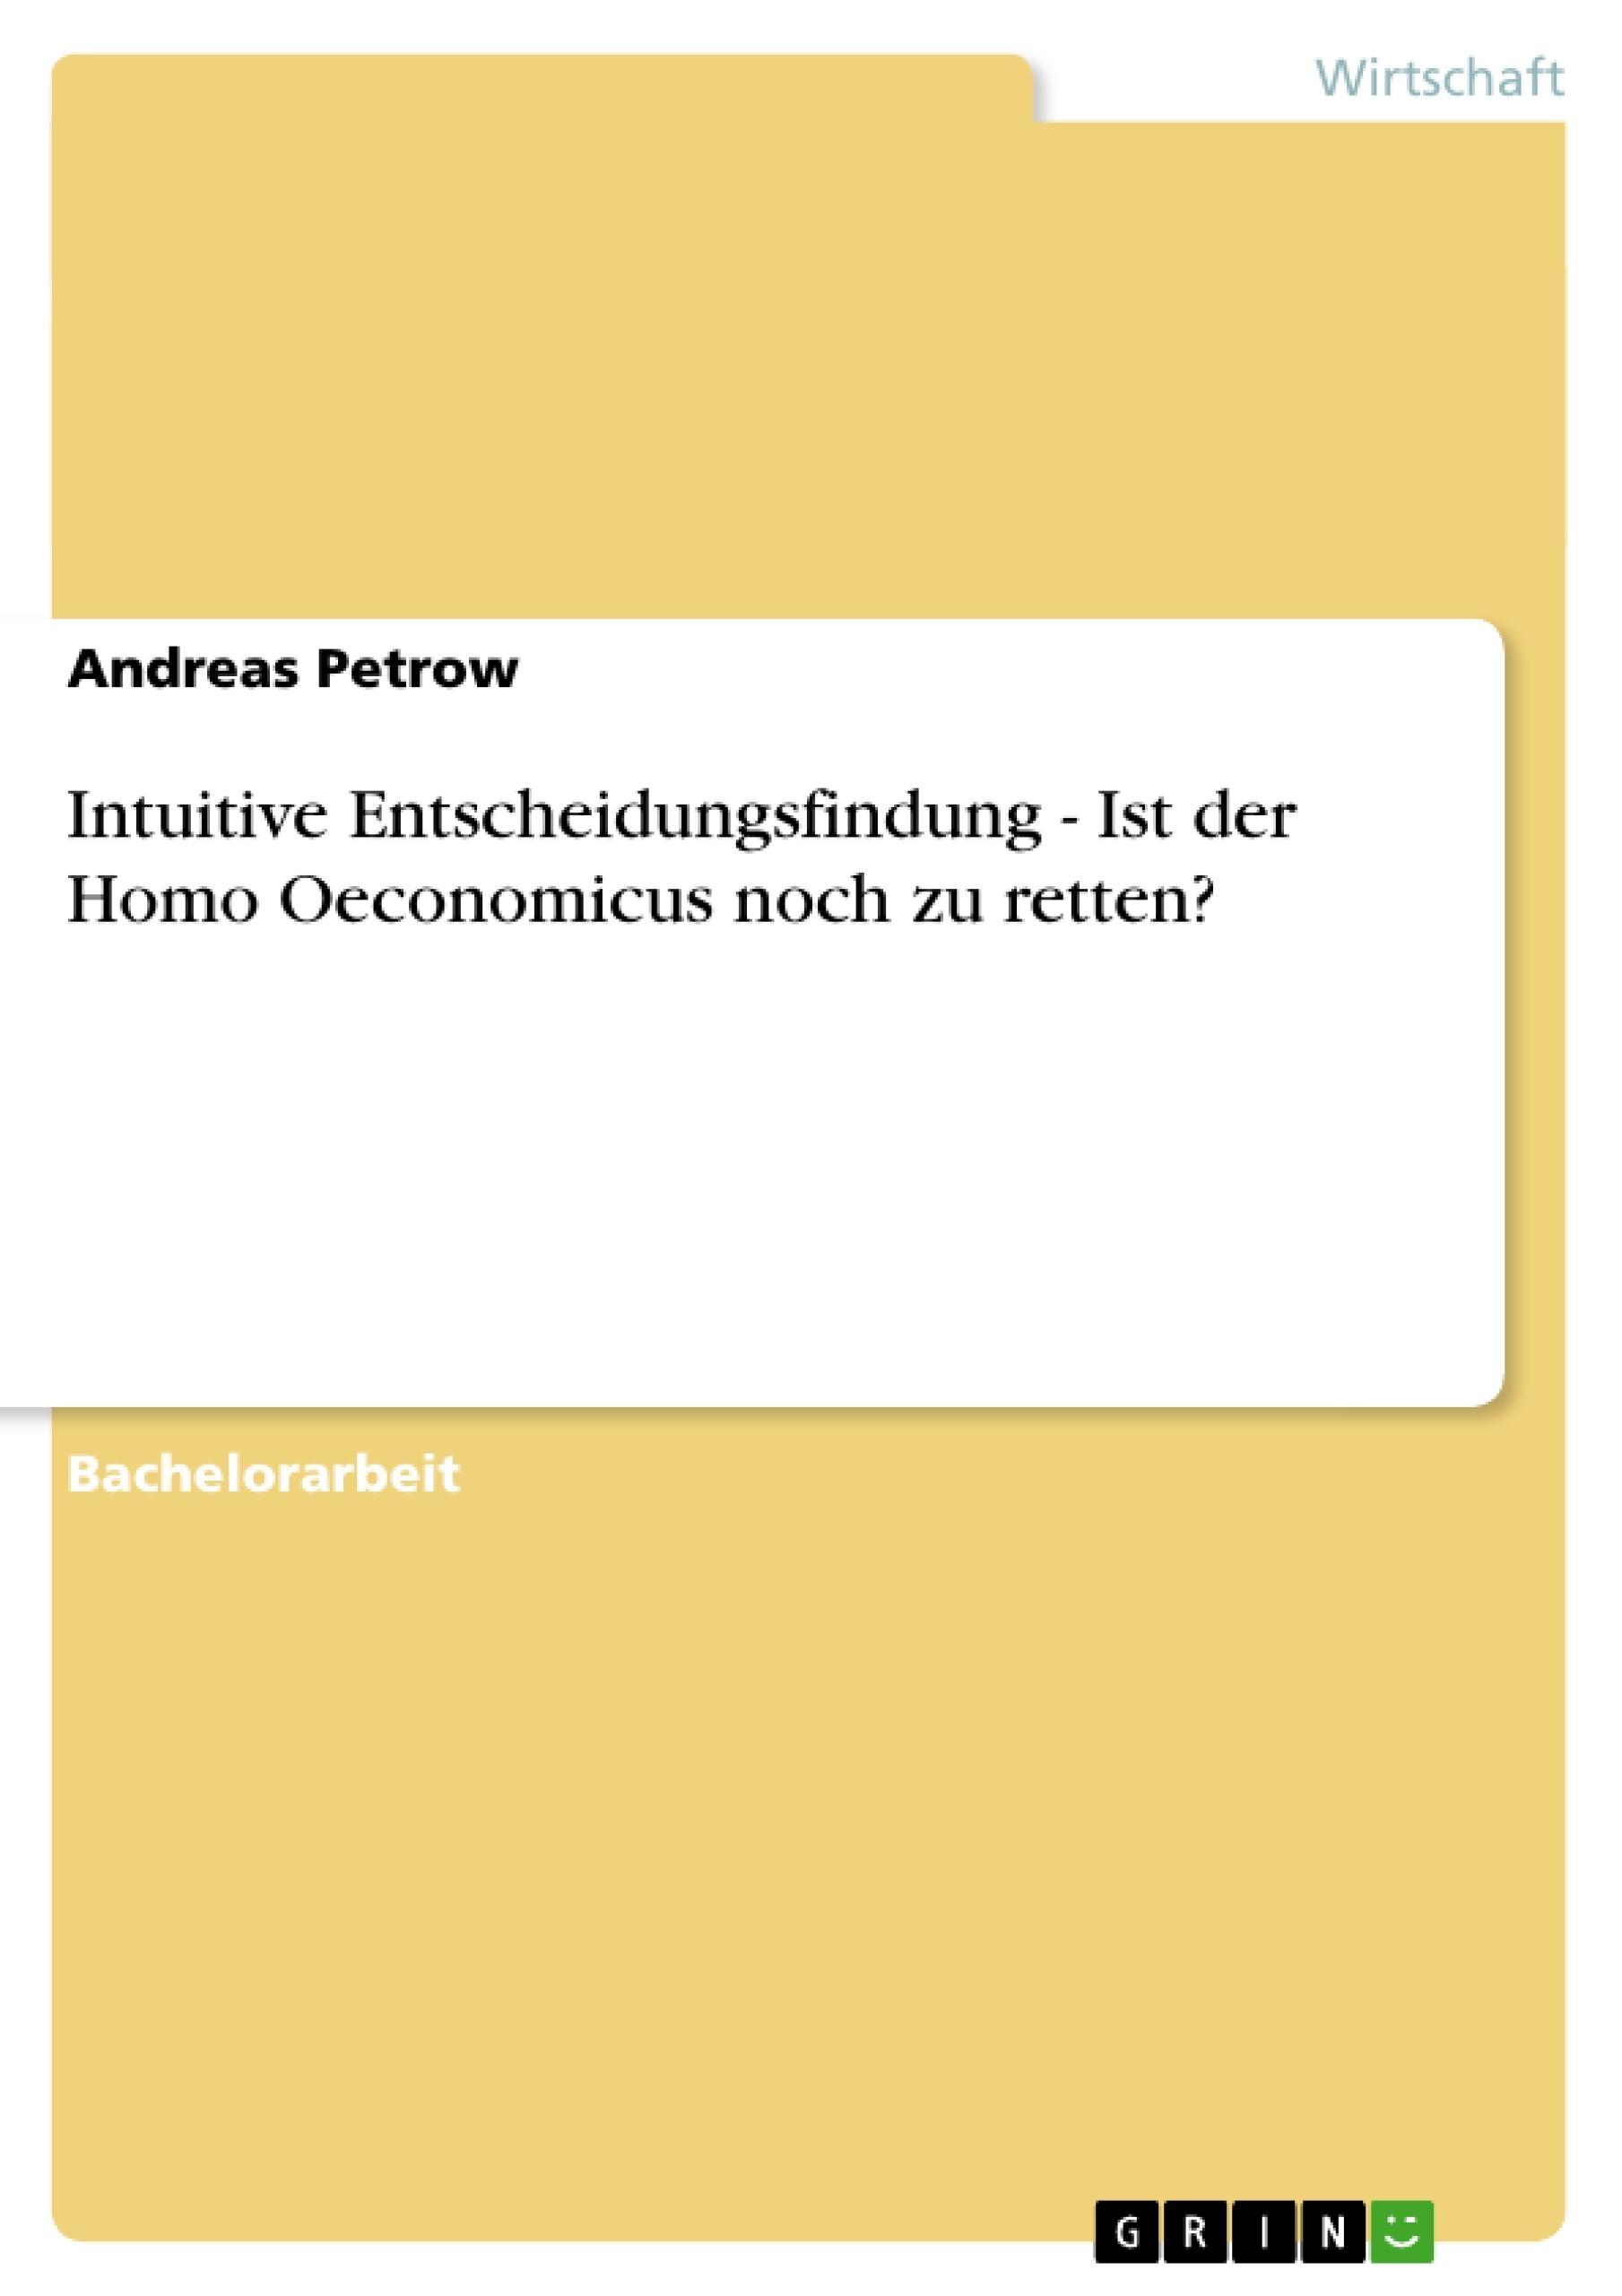 Titel: Intuitive Entscheidungsfindung - Ist der Homo Oeconomicus noch zu retten?